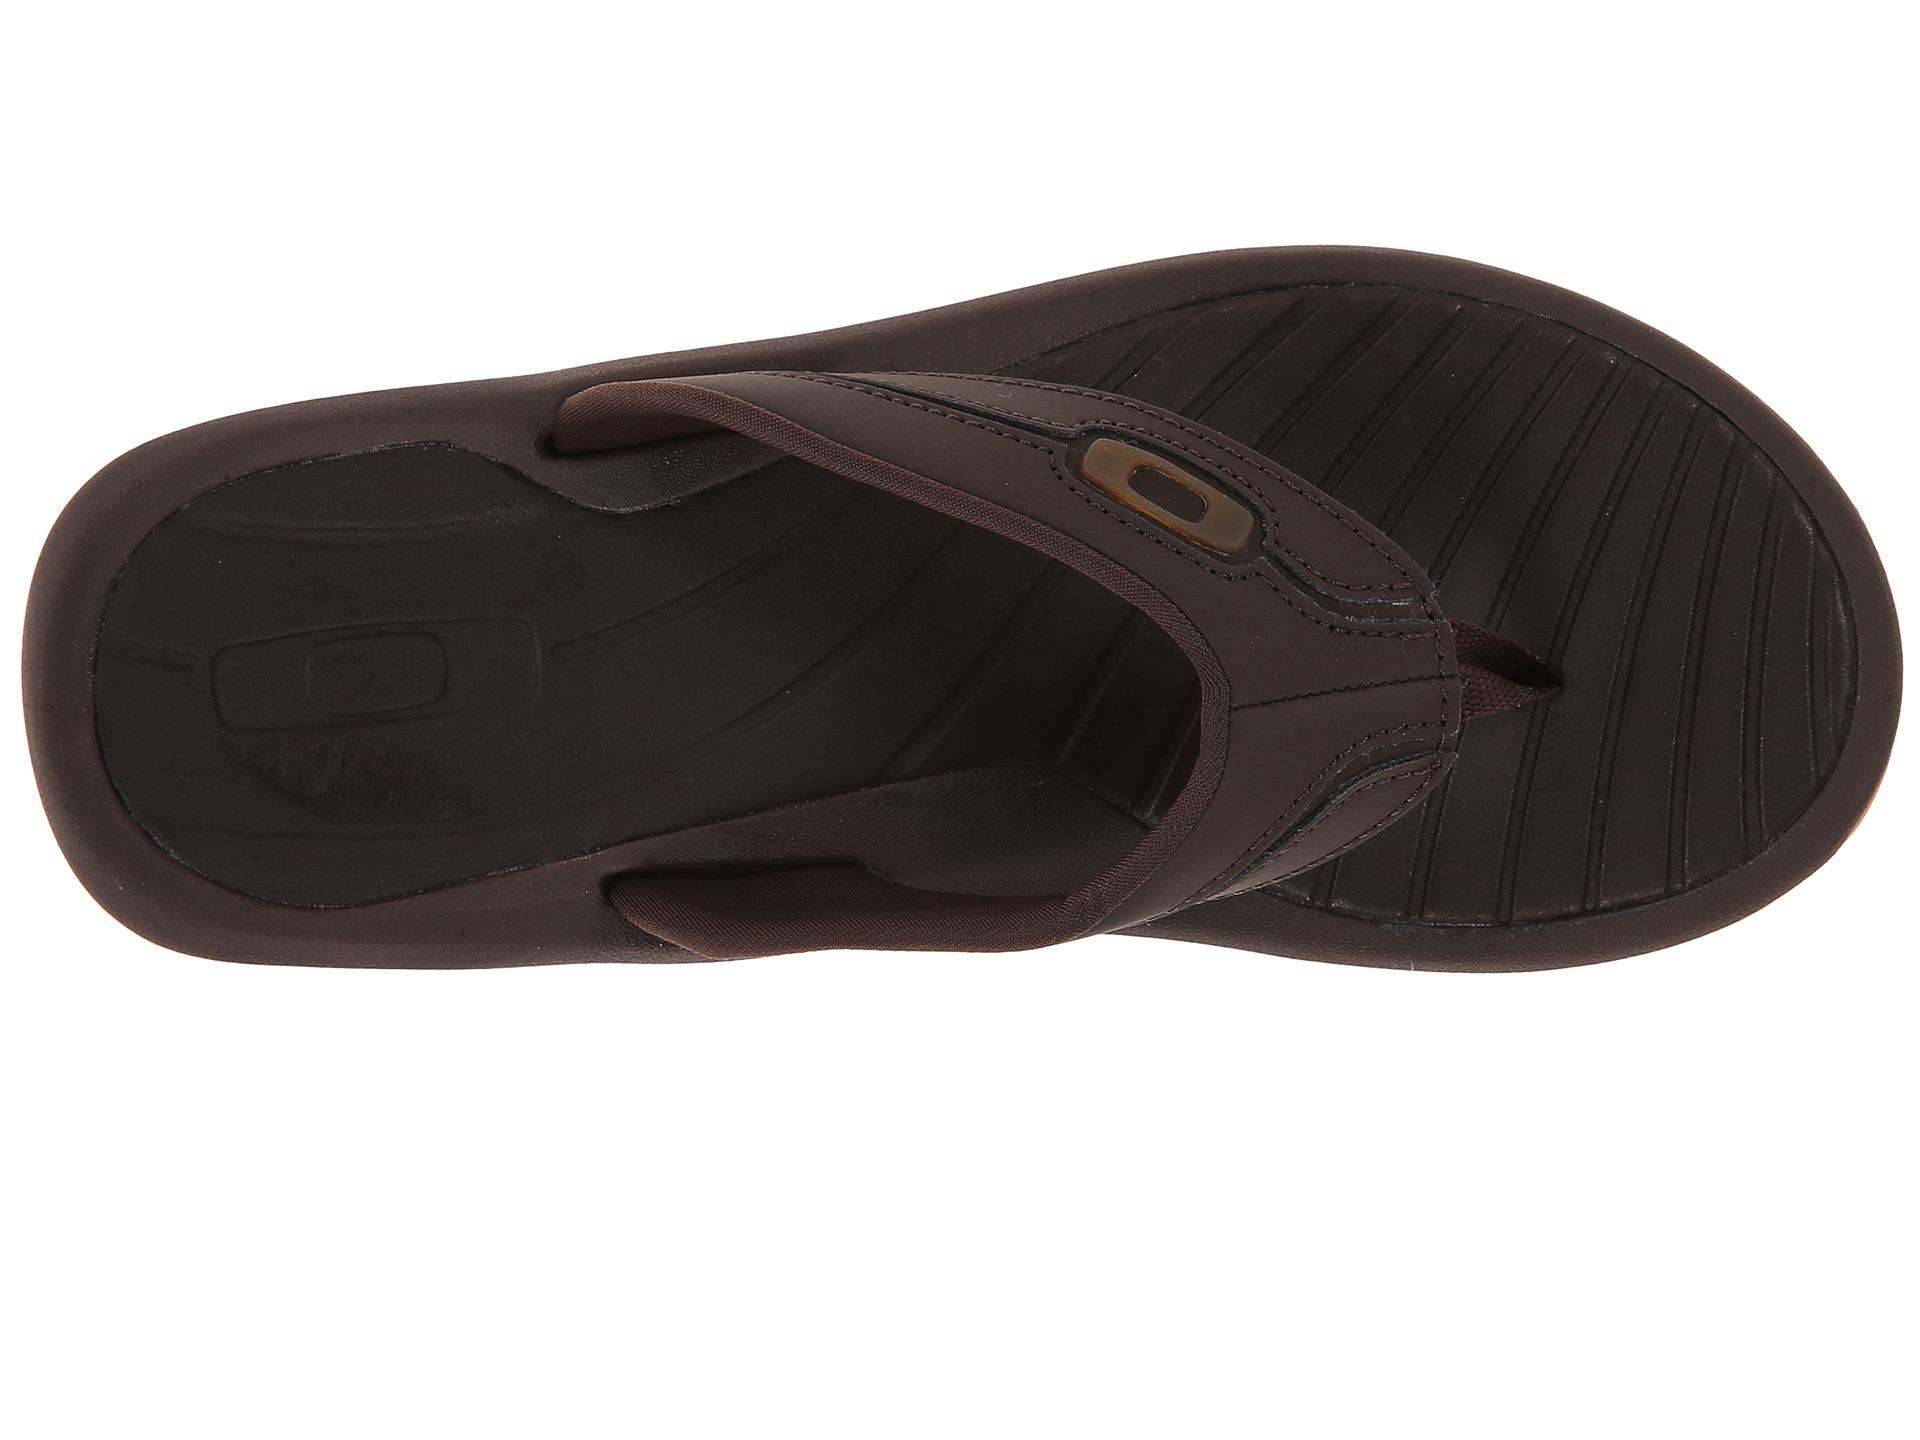 604e717f65035 oakley men s dune sandal